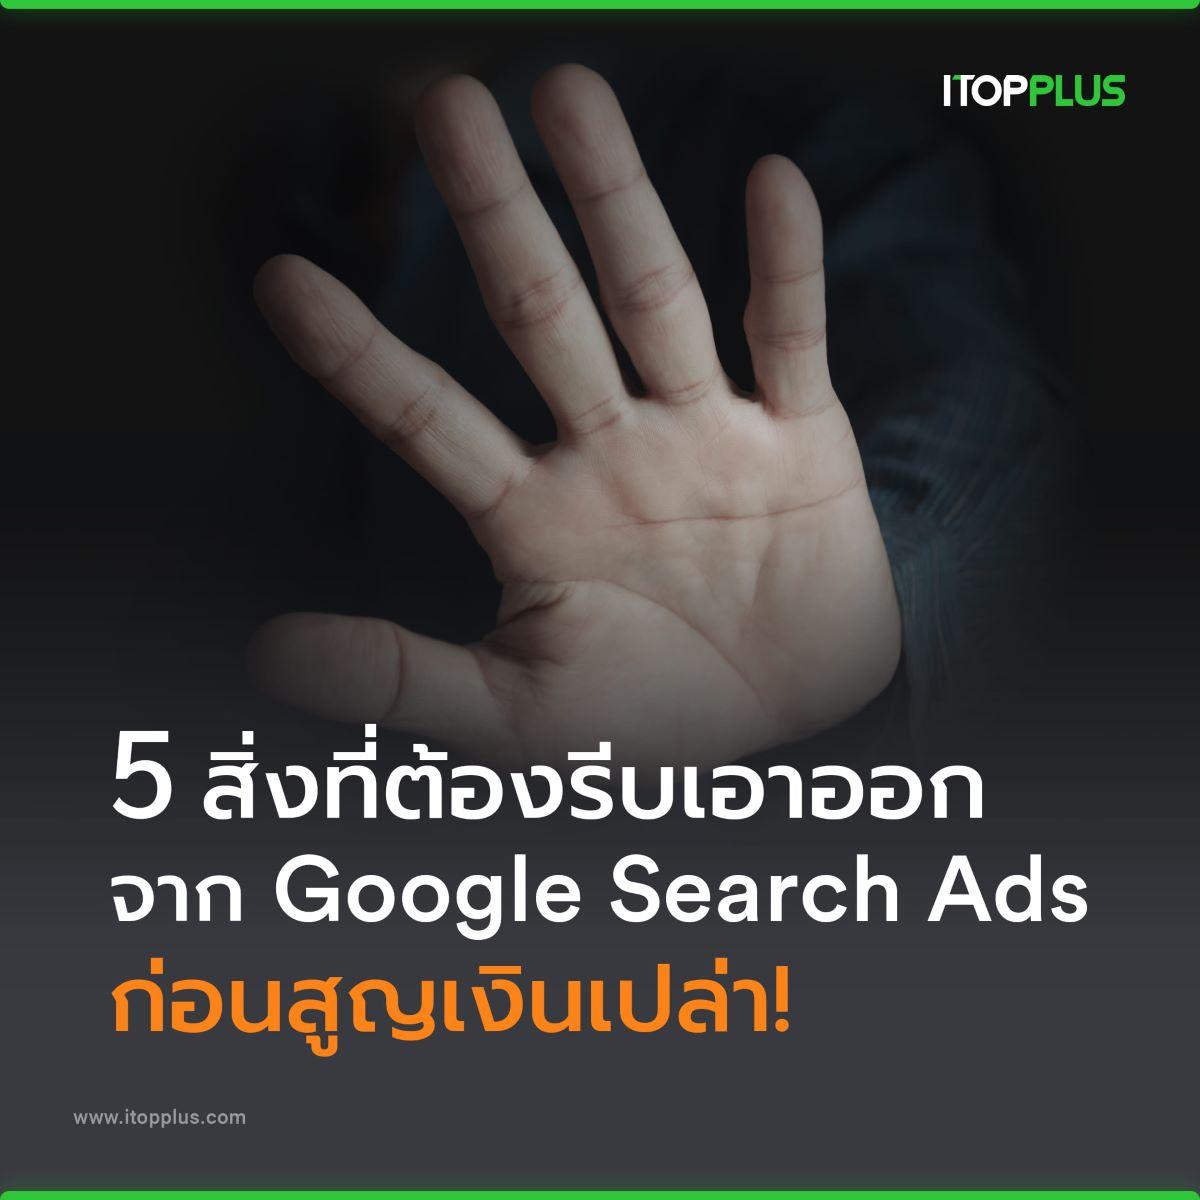 5 สิ่งที่ต้องรีบเอาออก จาก Google Search Ads ก่อนสูญเงินเปล่า!